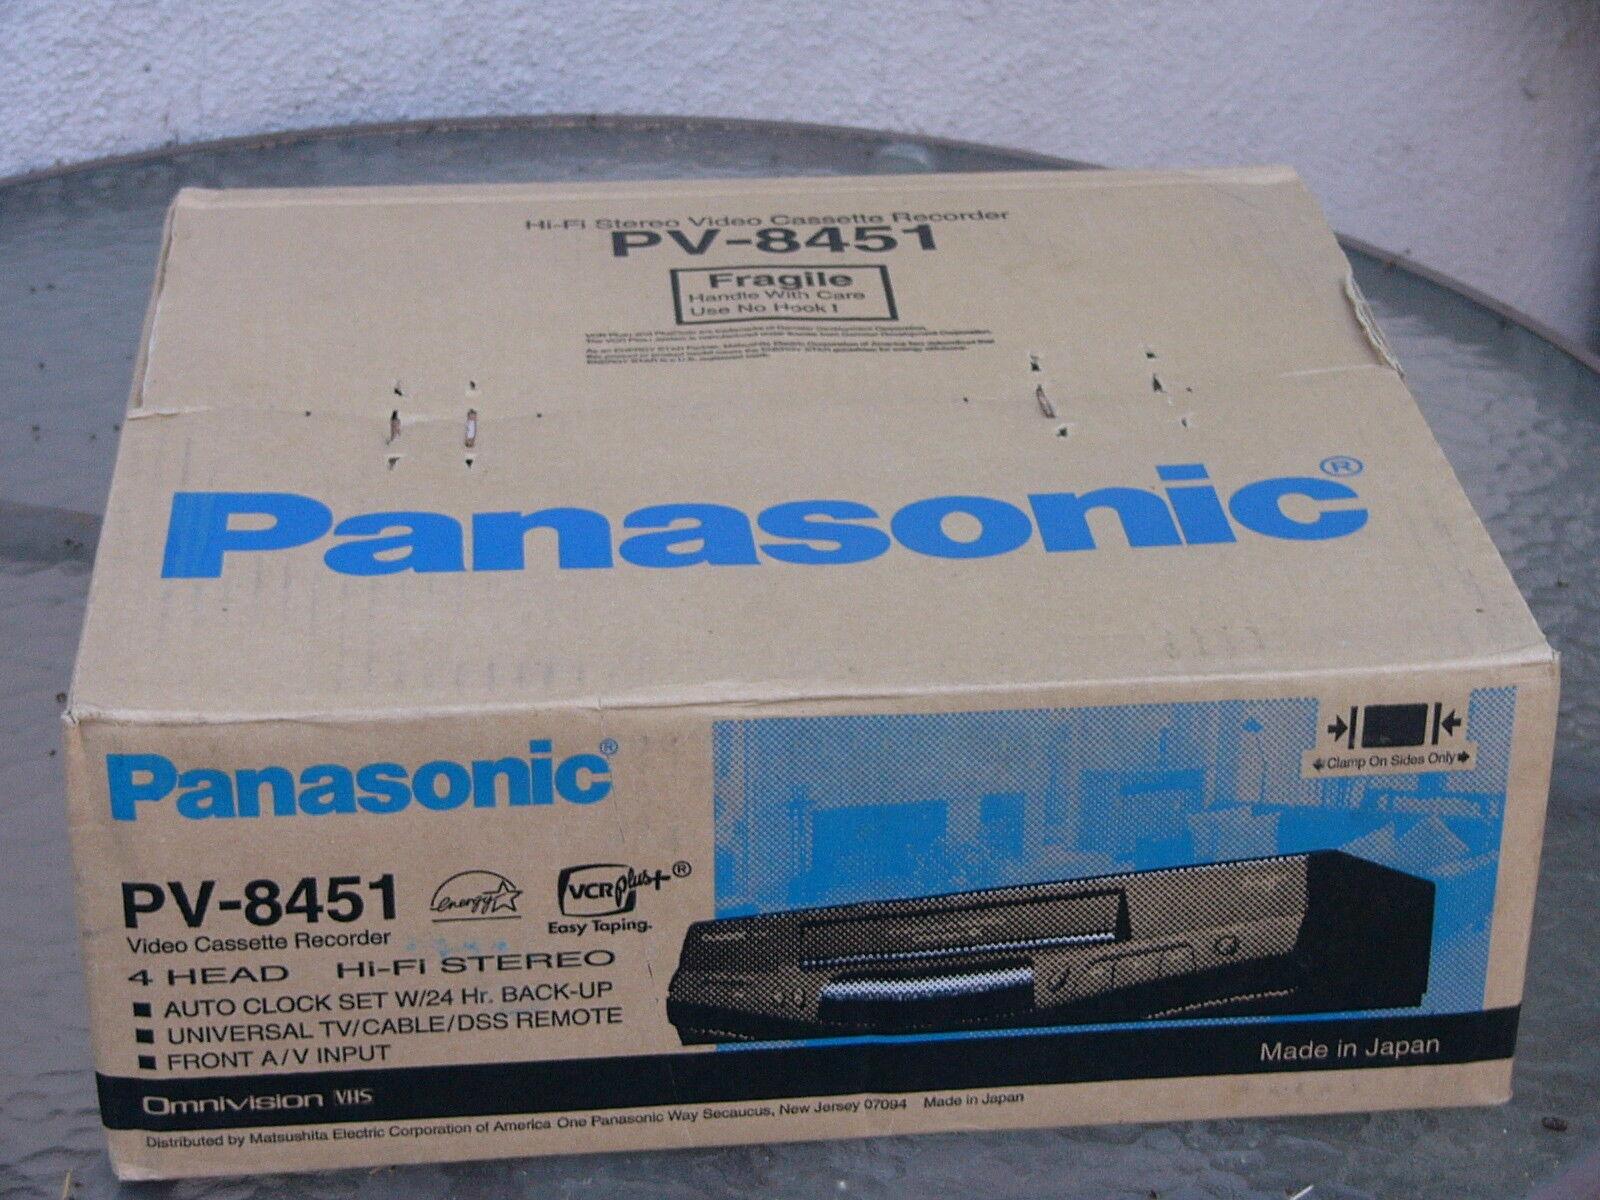 NEW Panasonic PV-8451 VHS VCR Player 4-Head Hi-Fi Stereo vid